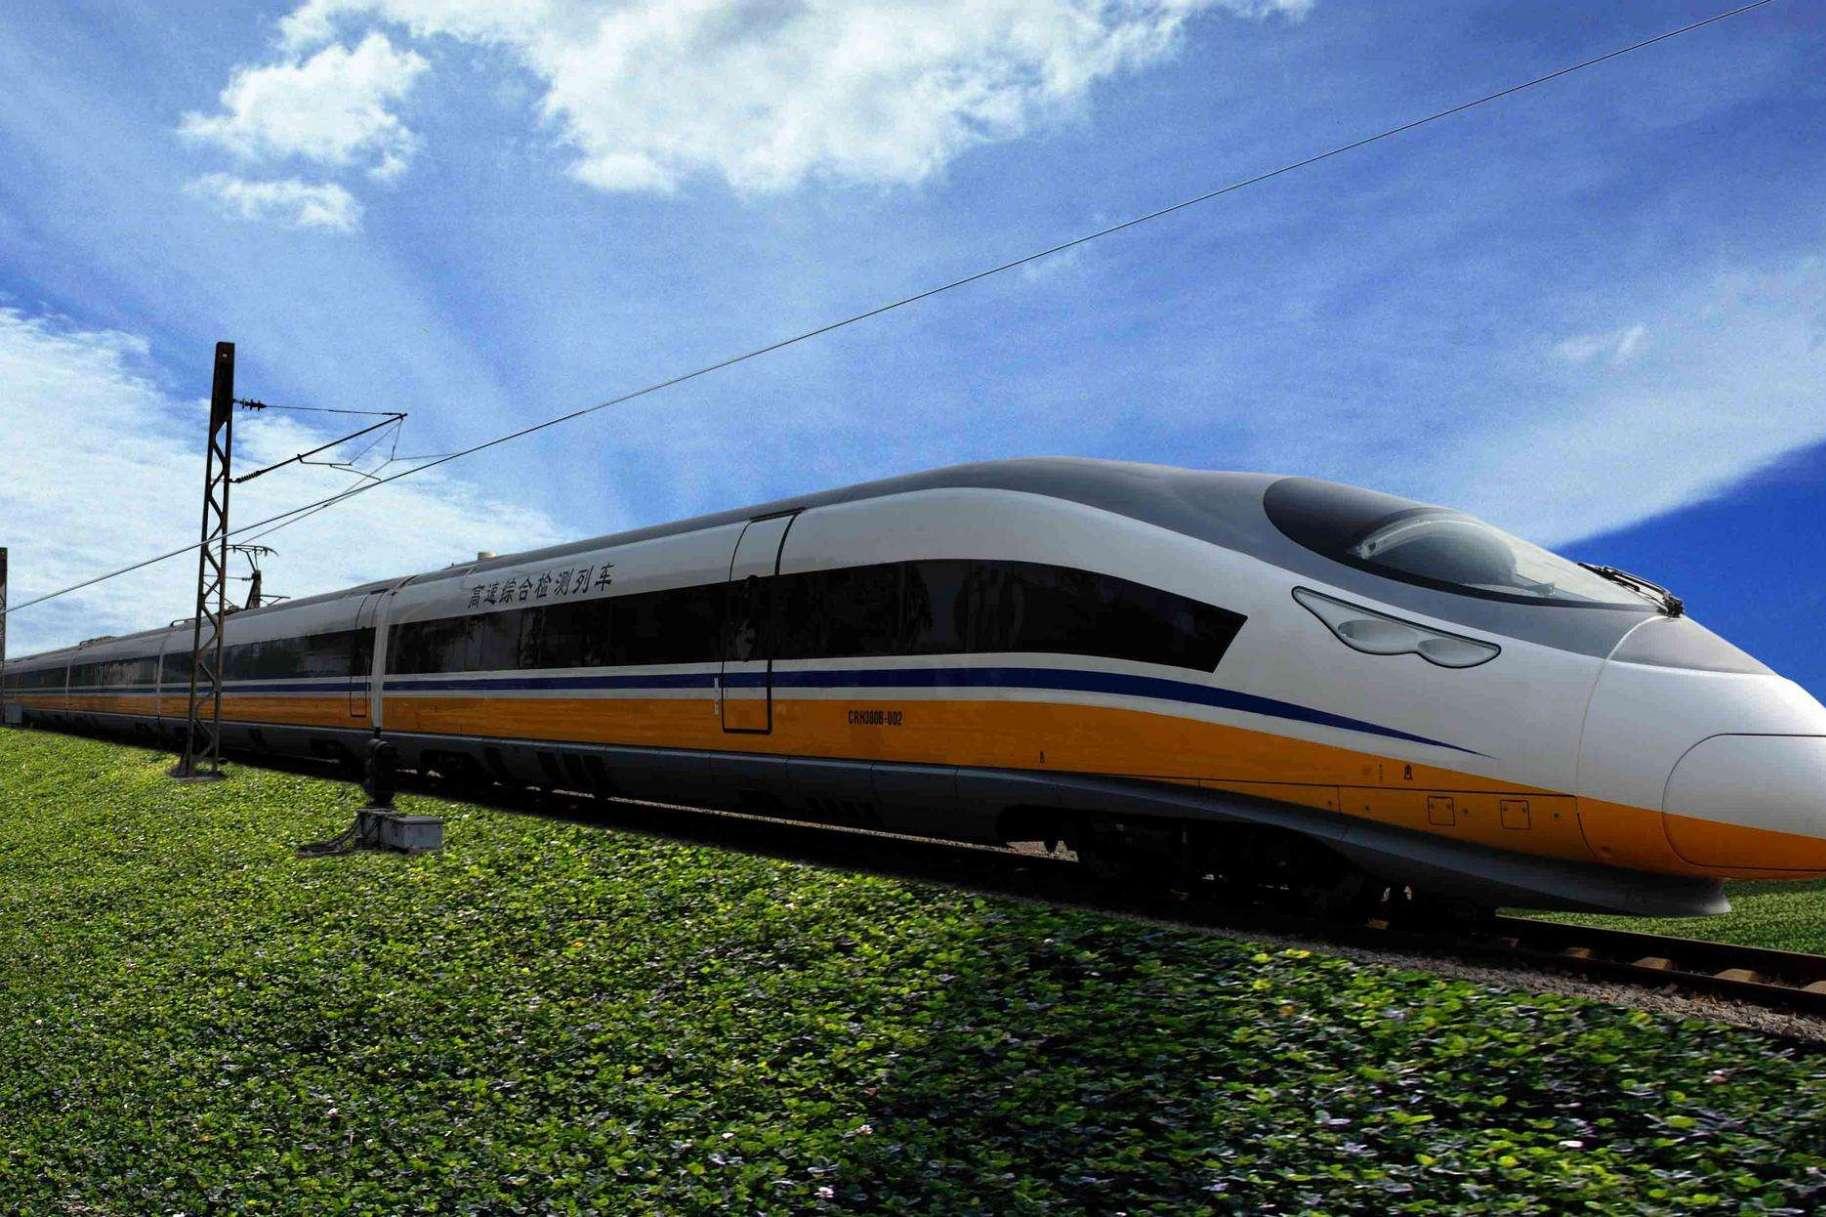 想去铁路局就业需要哪些条件?又有哪些铁路类高校值得报考?